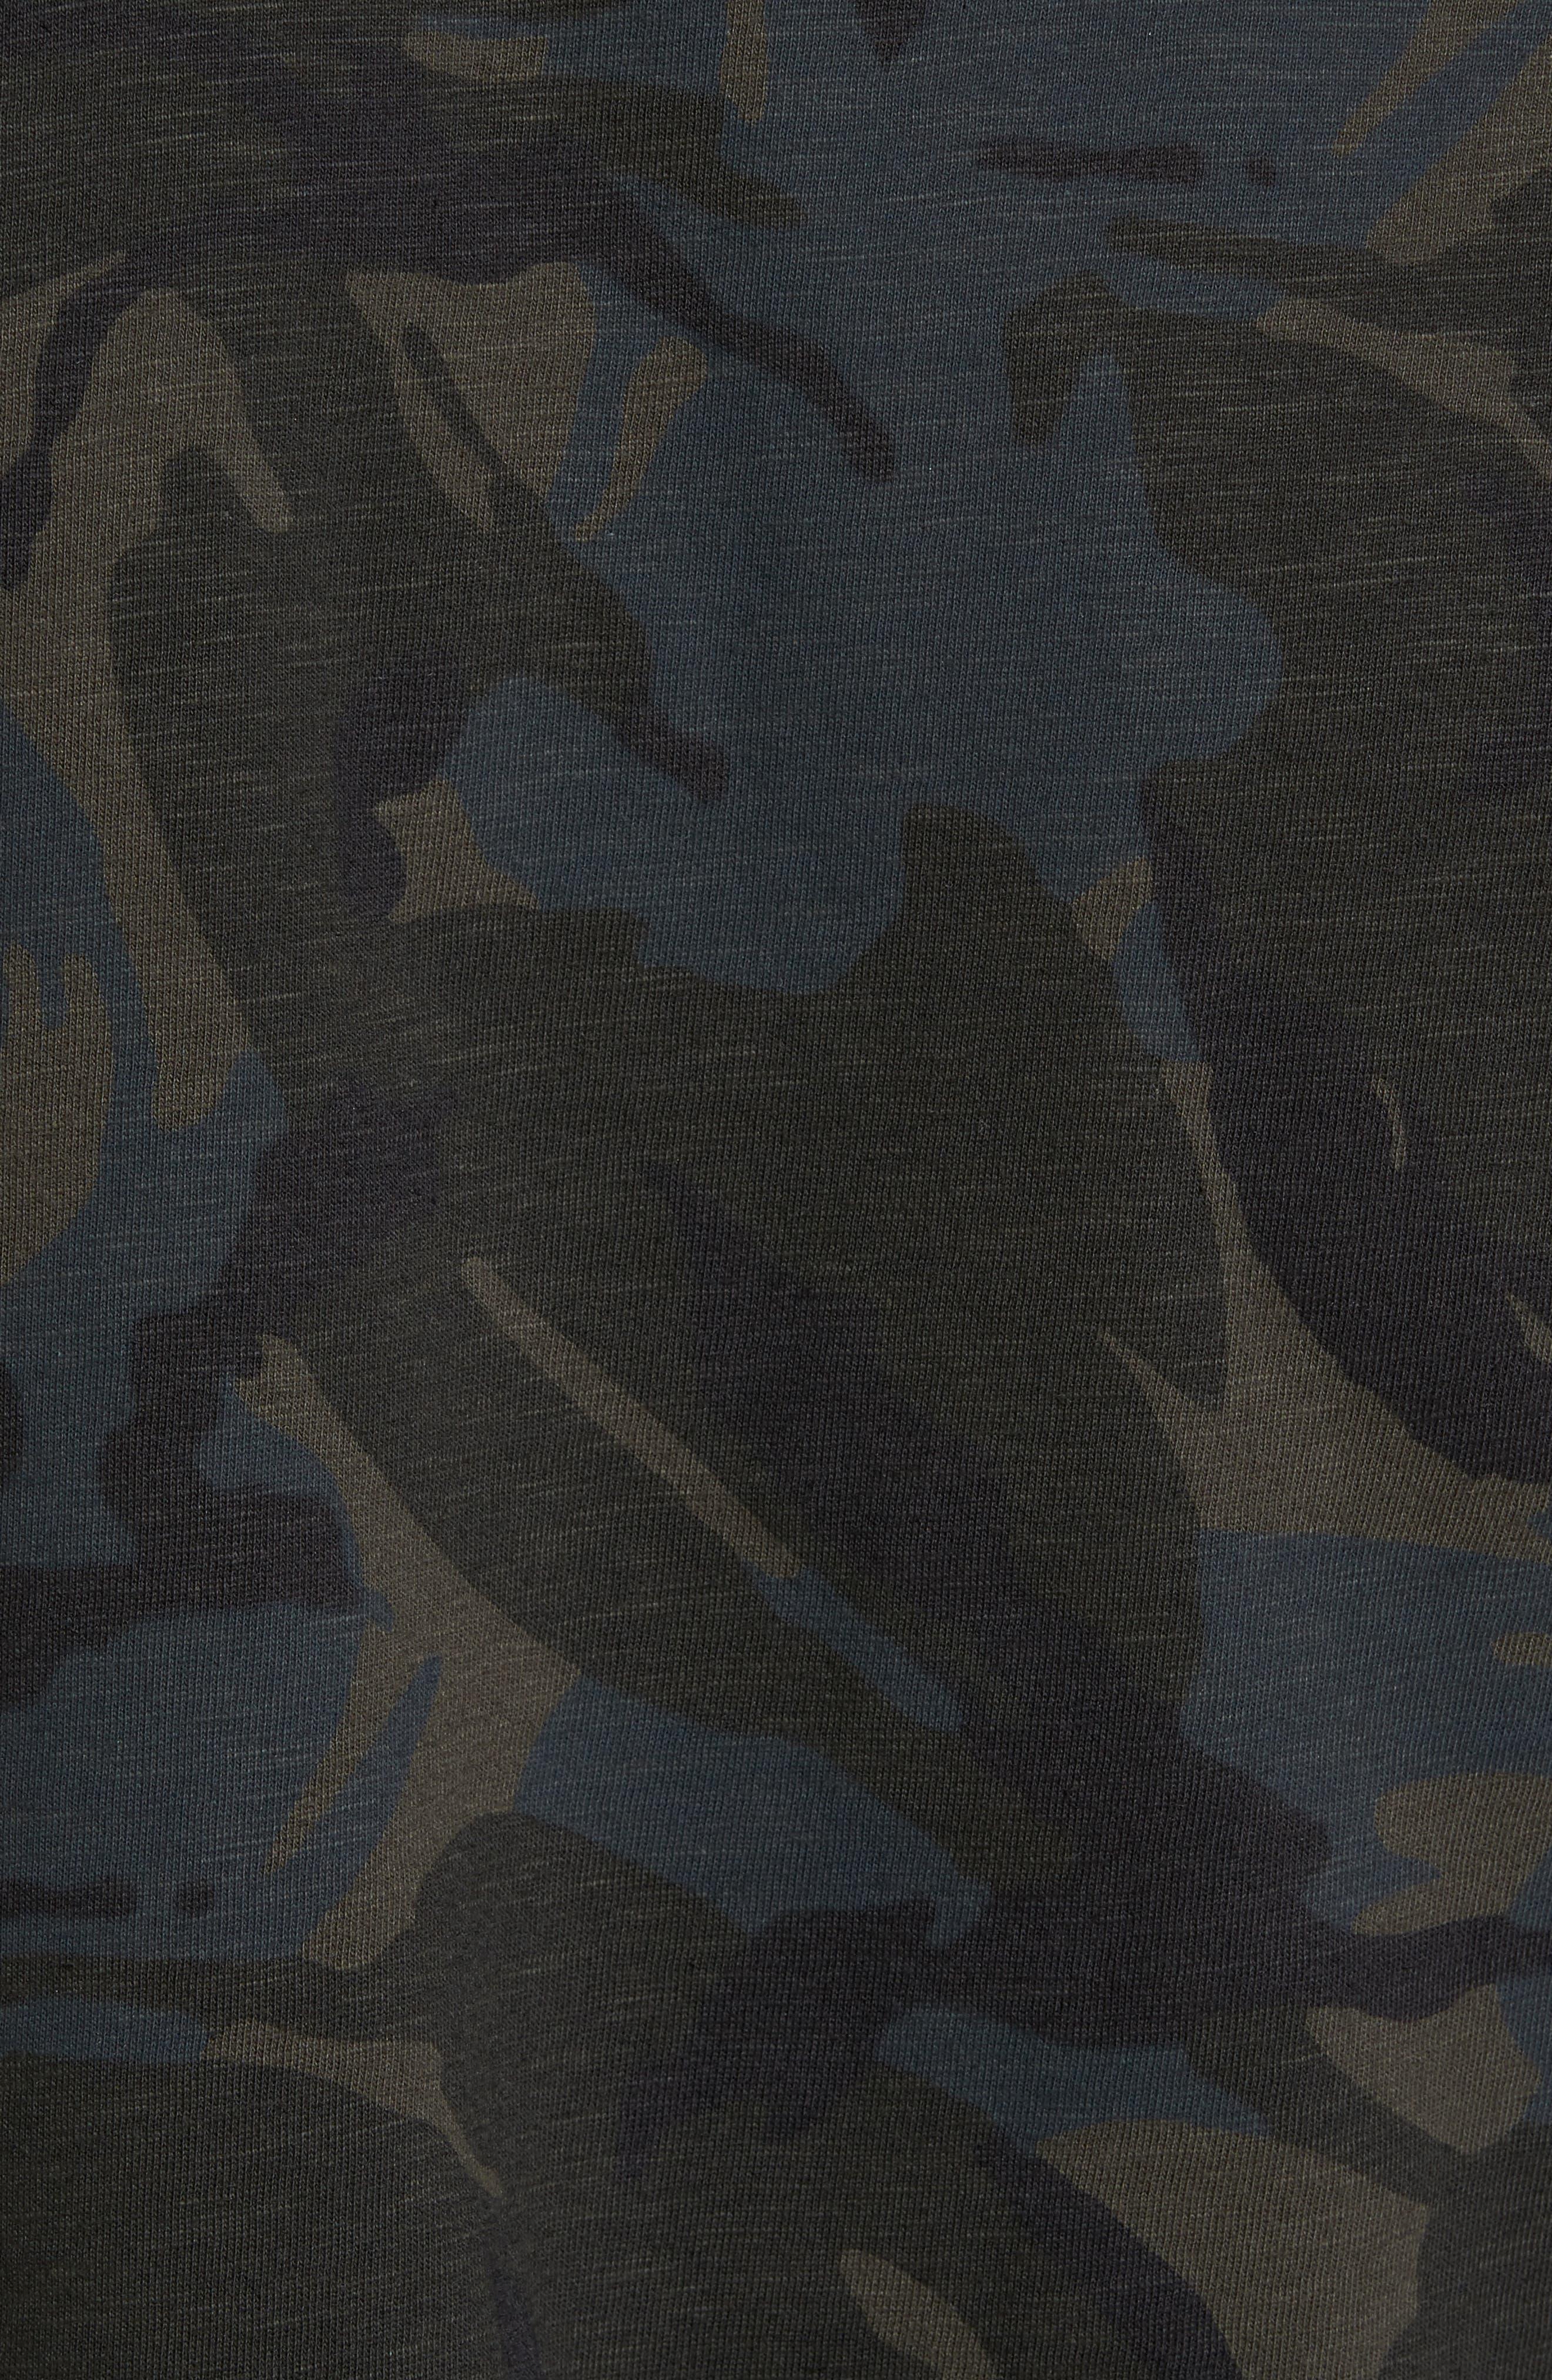 Jirgi Quarter Zip Jacket,                             Alternate thumbnail 5, color,                             300